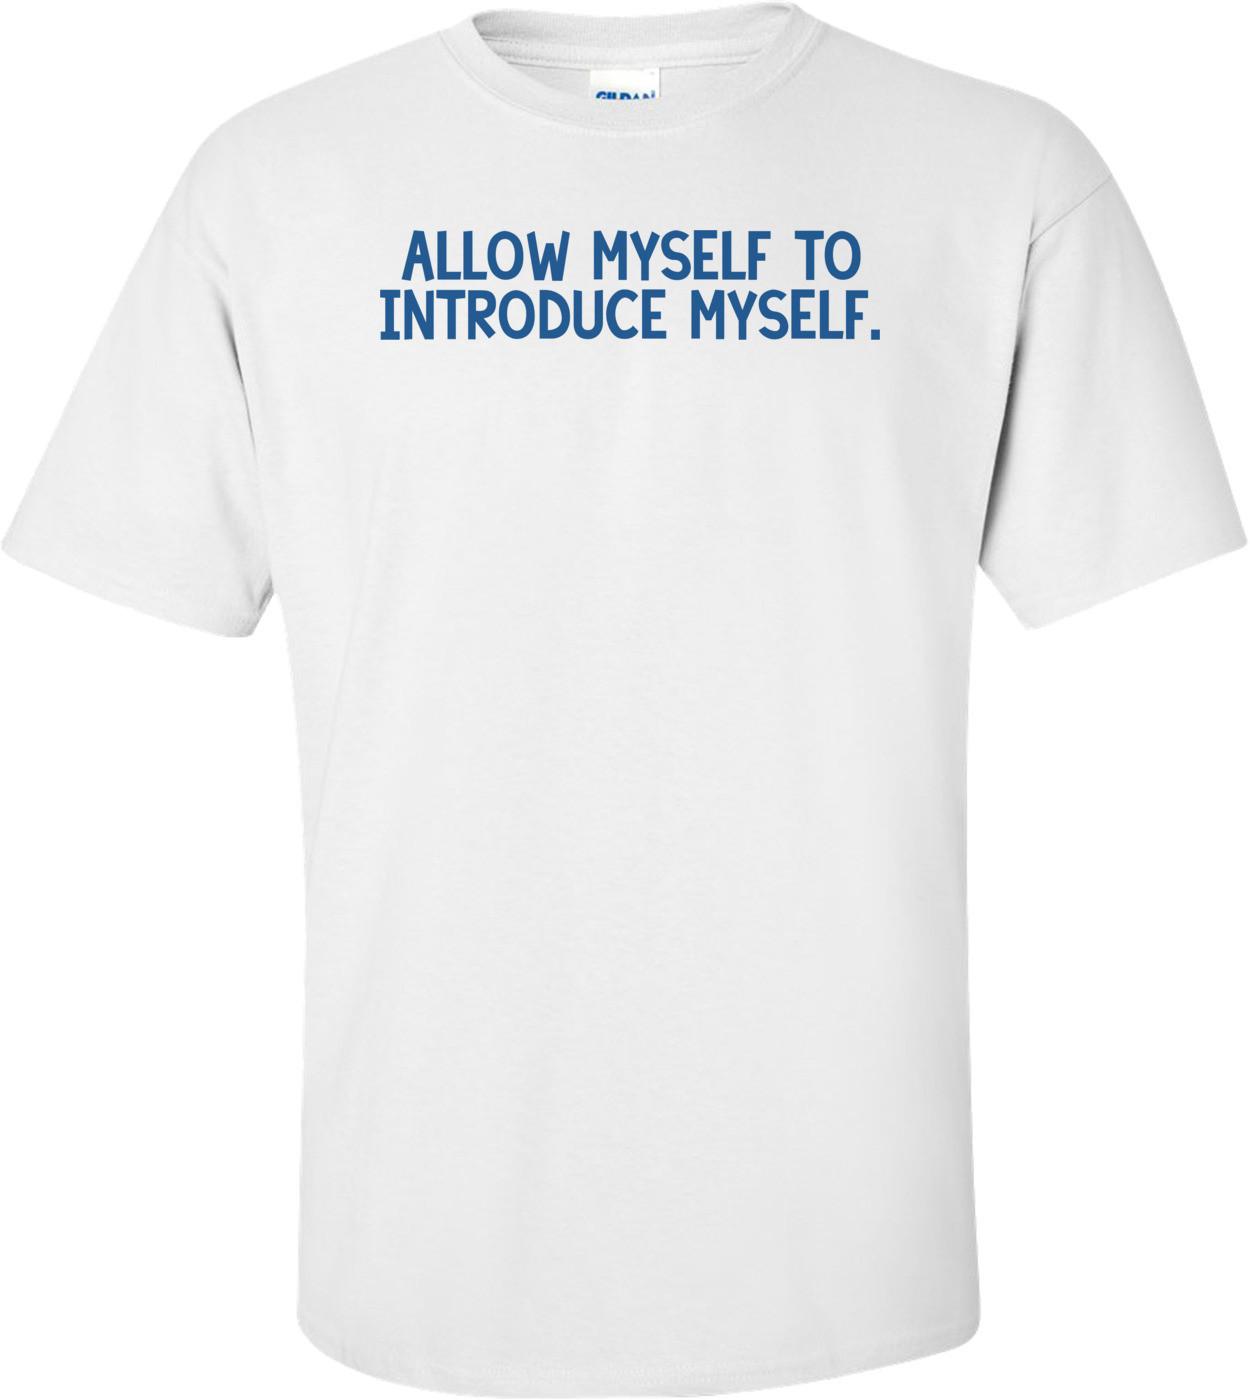 Allow myself to introduce myself. Shirt